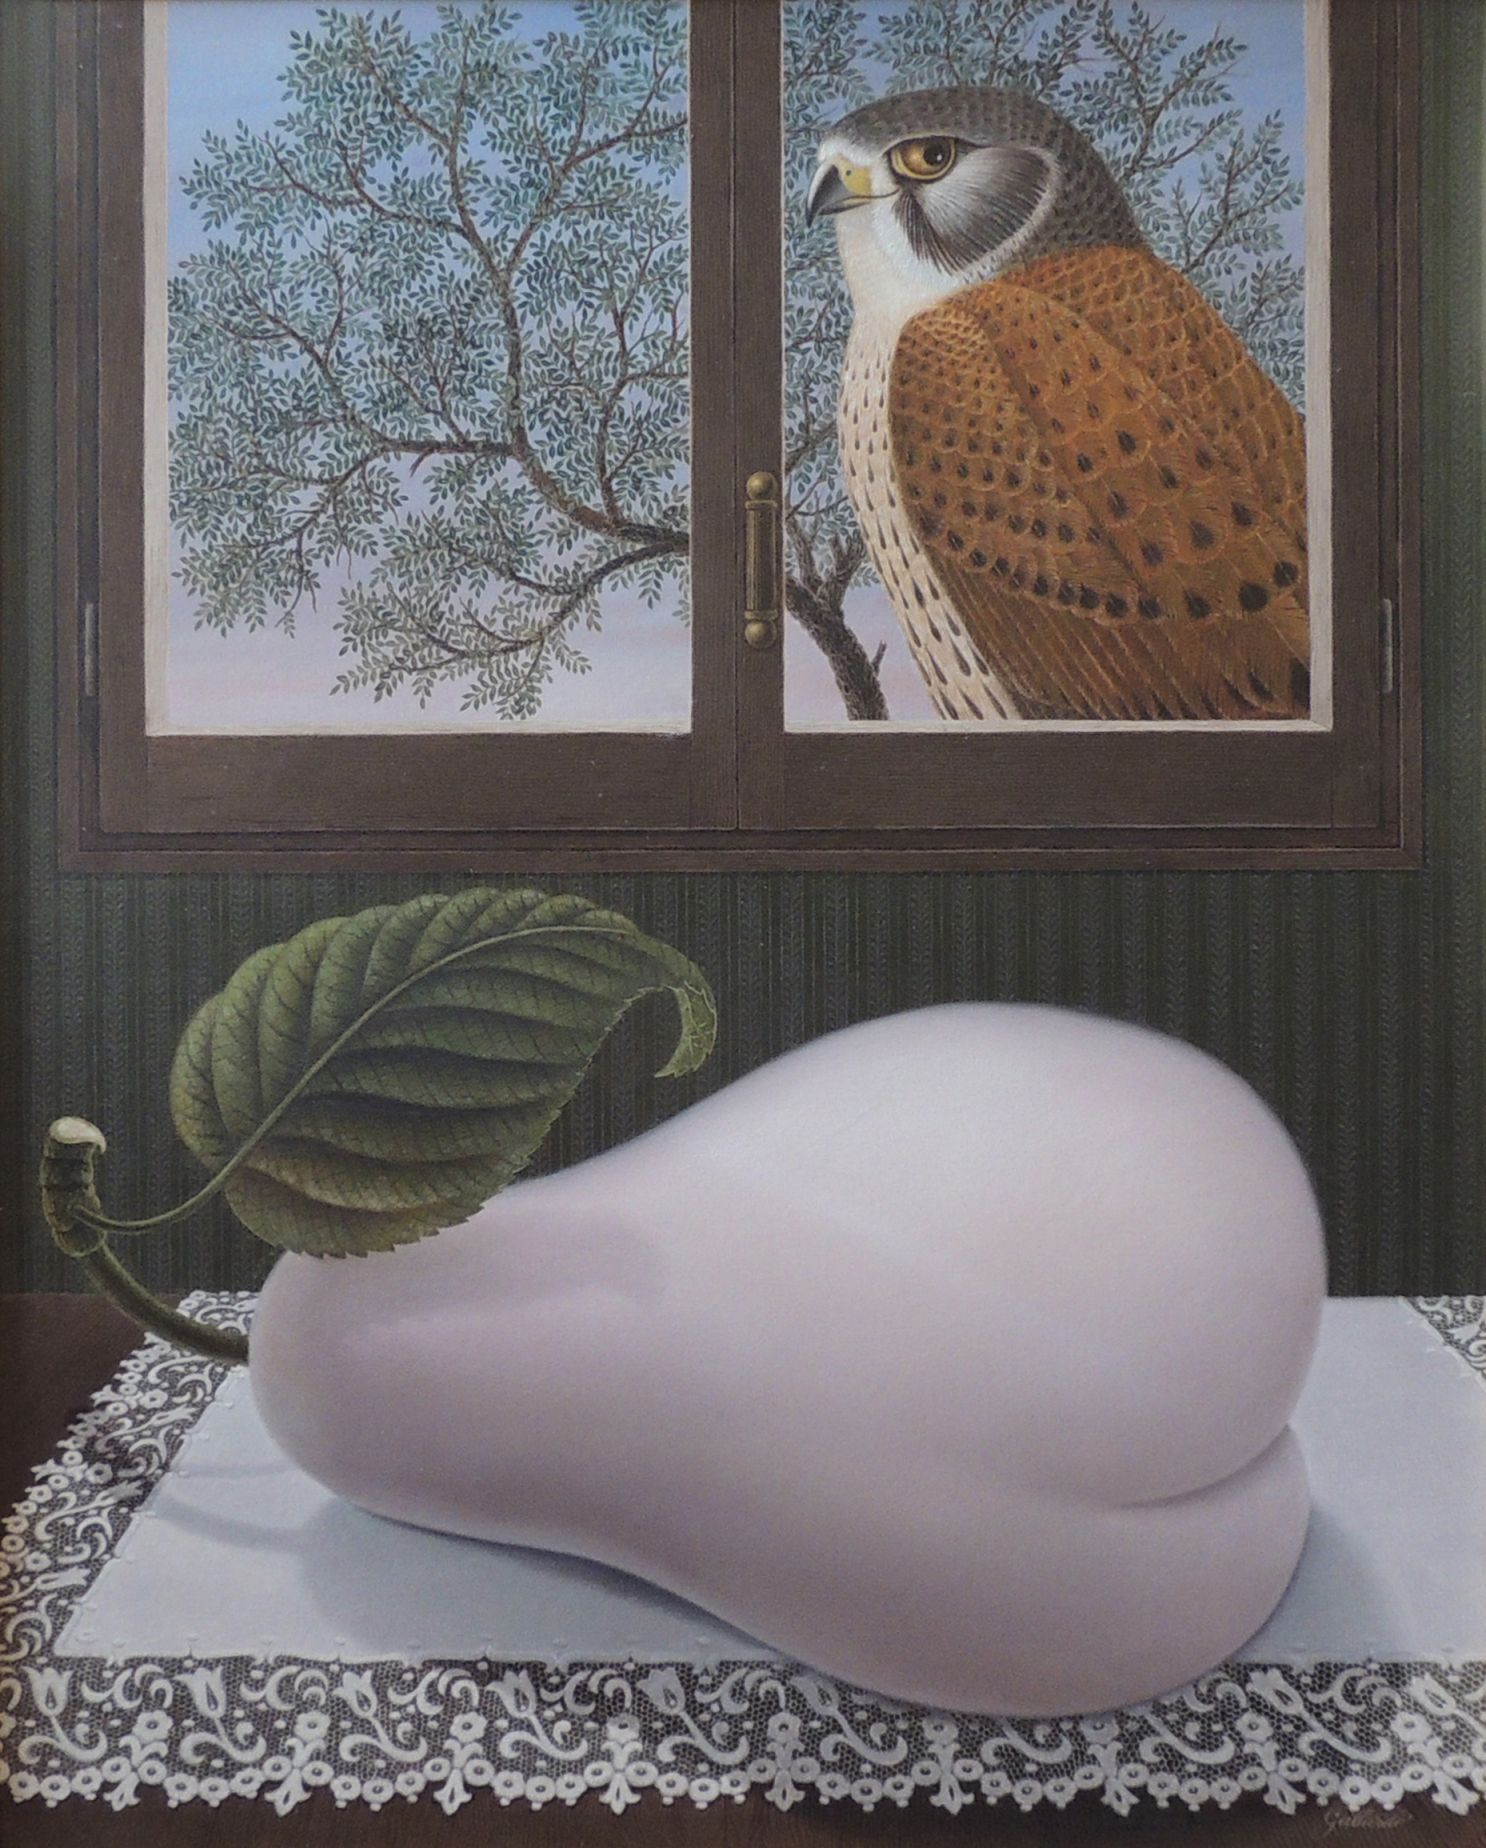 Historia de una pera y un halcón